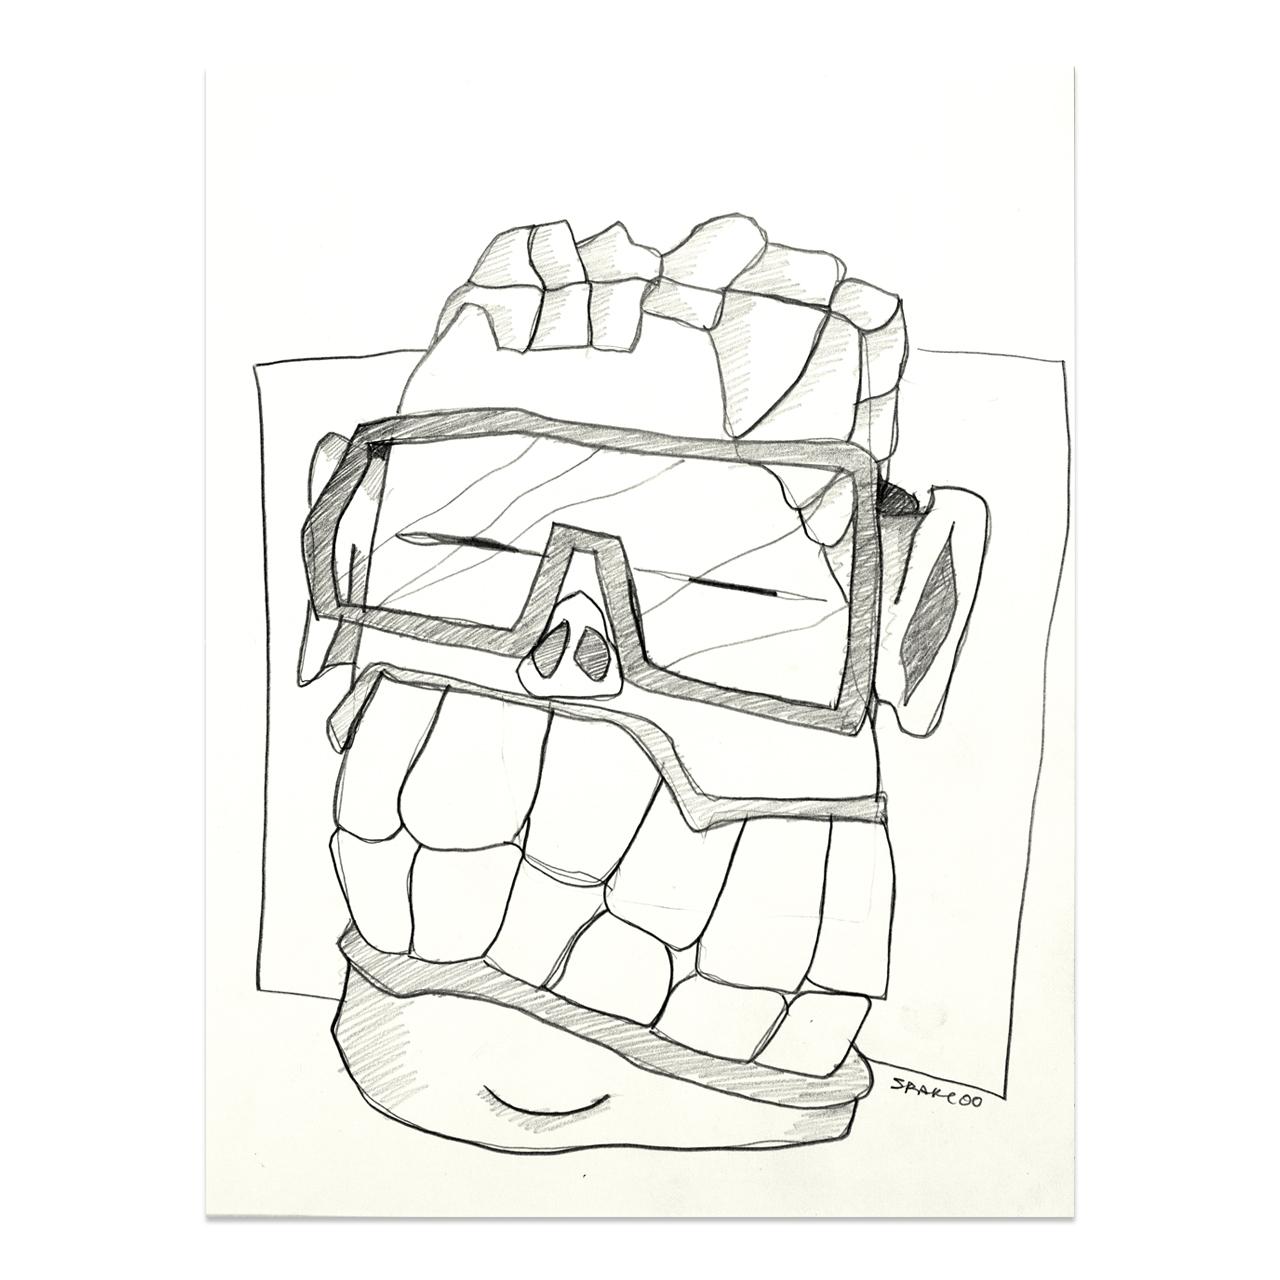 sylvain-pare-spare-artwork-1280x1280_IMG_0363.jpg